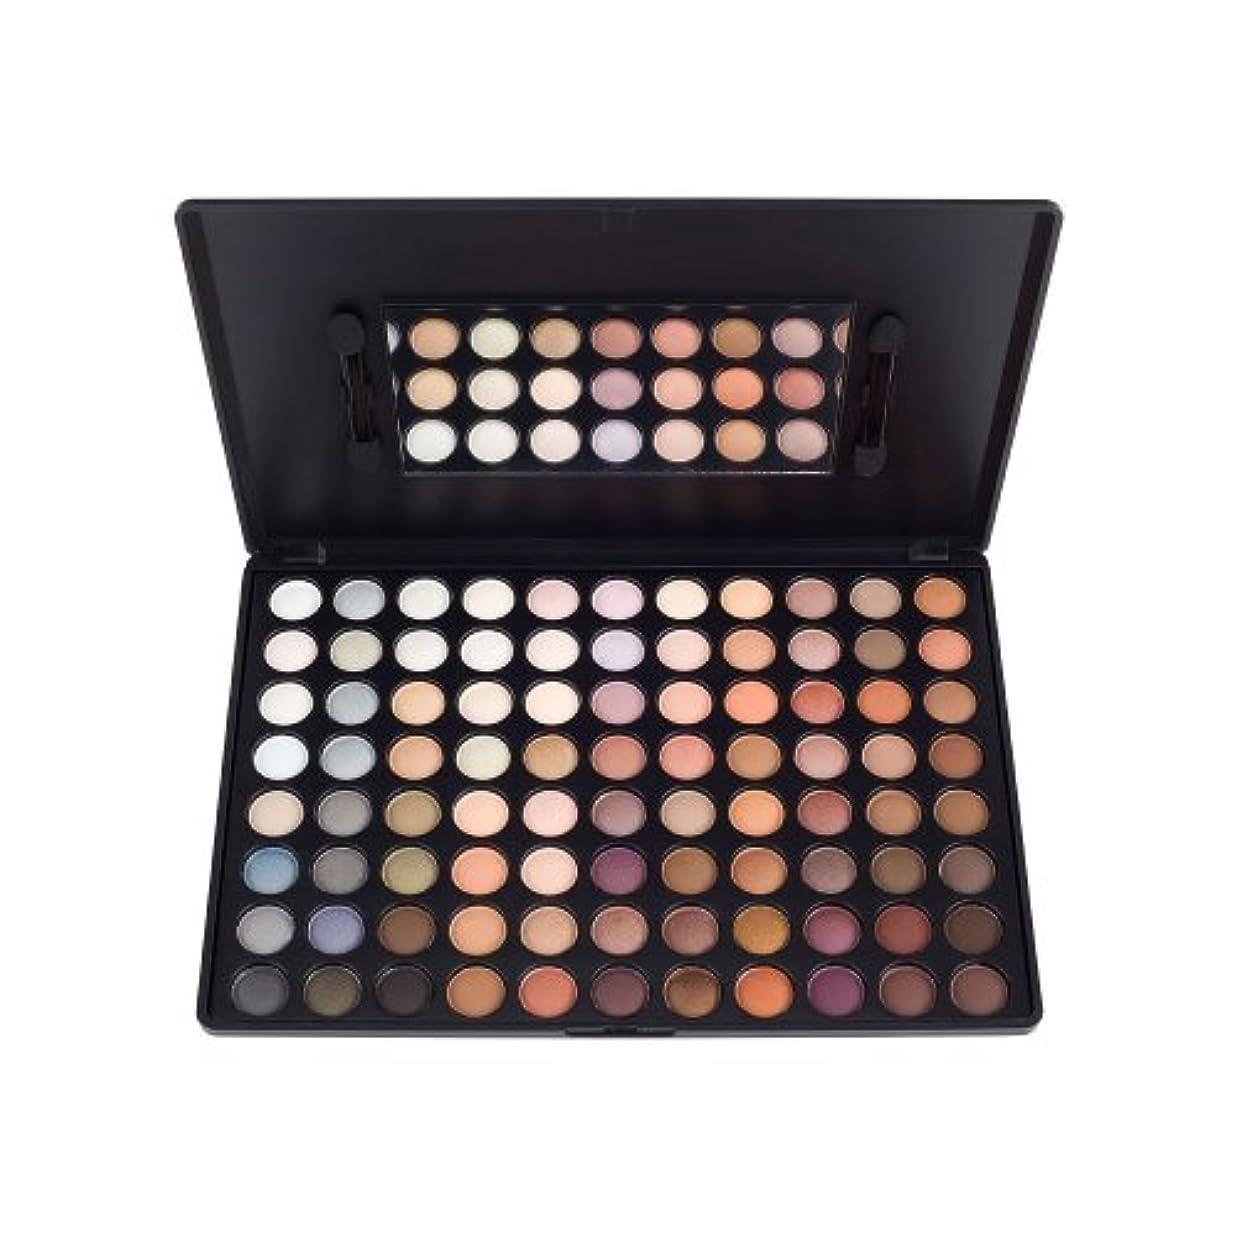 賞賛するライブ限界コースタルセンツ アイシャドウパレット 88色【ウォーム】Coastal Scents 88 Colour Eyeshadow Palette 【Warm】【CS-PL-014】